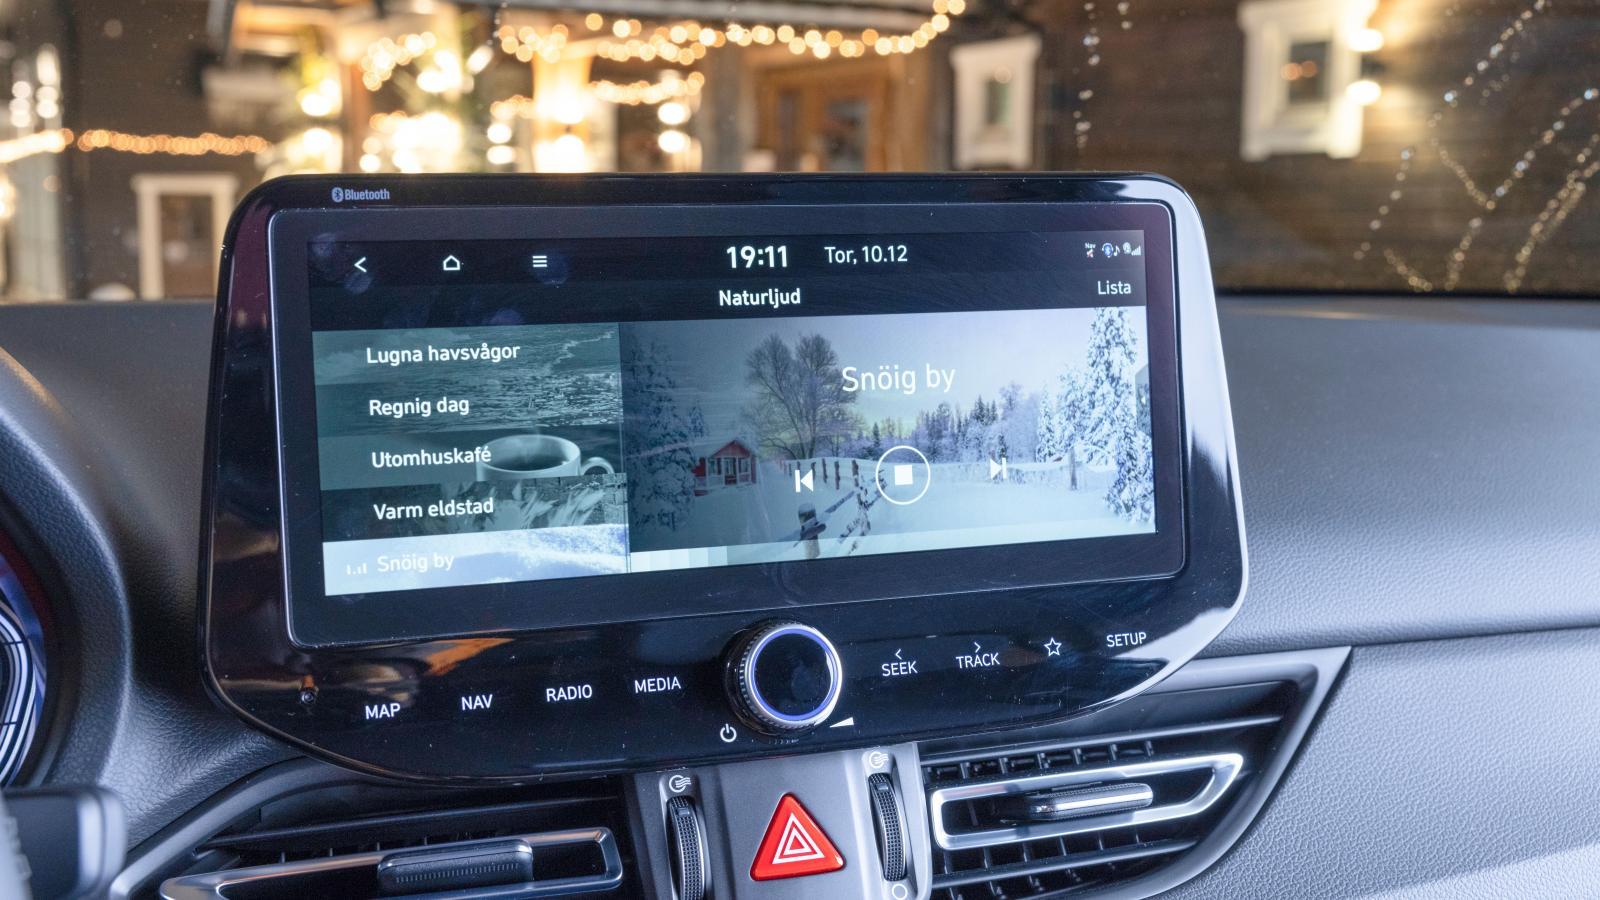 Hyundai: I teknikpaketet (12900 kr) ingår den stora 10,25-tumsskärmen. Snygg grafik med moderna uppkopplingstjänster. Dessutom är huvudmenyn föredömligt dämpad i ljusstyrka och behagligast av bilarna i mörker.